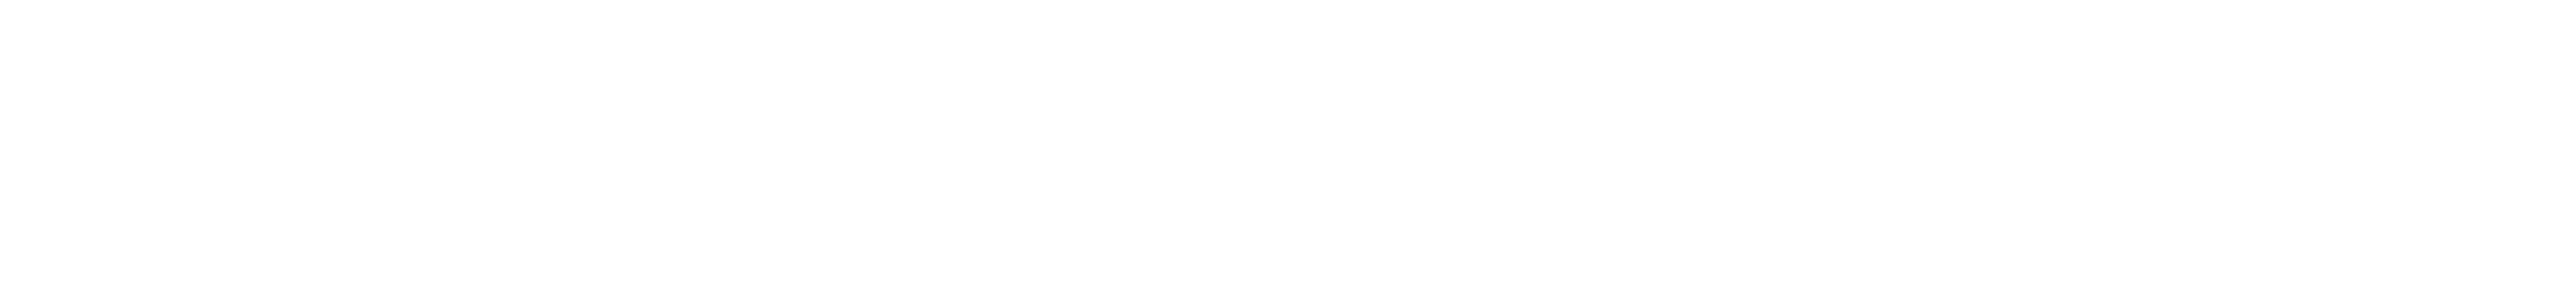 Png transparent clip art. Lace clipart blush lace